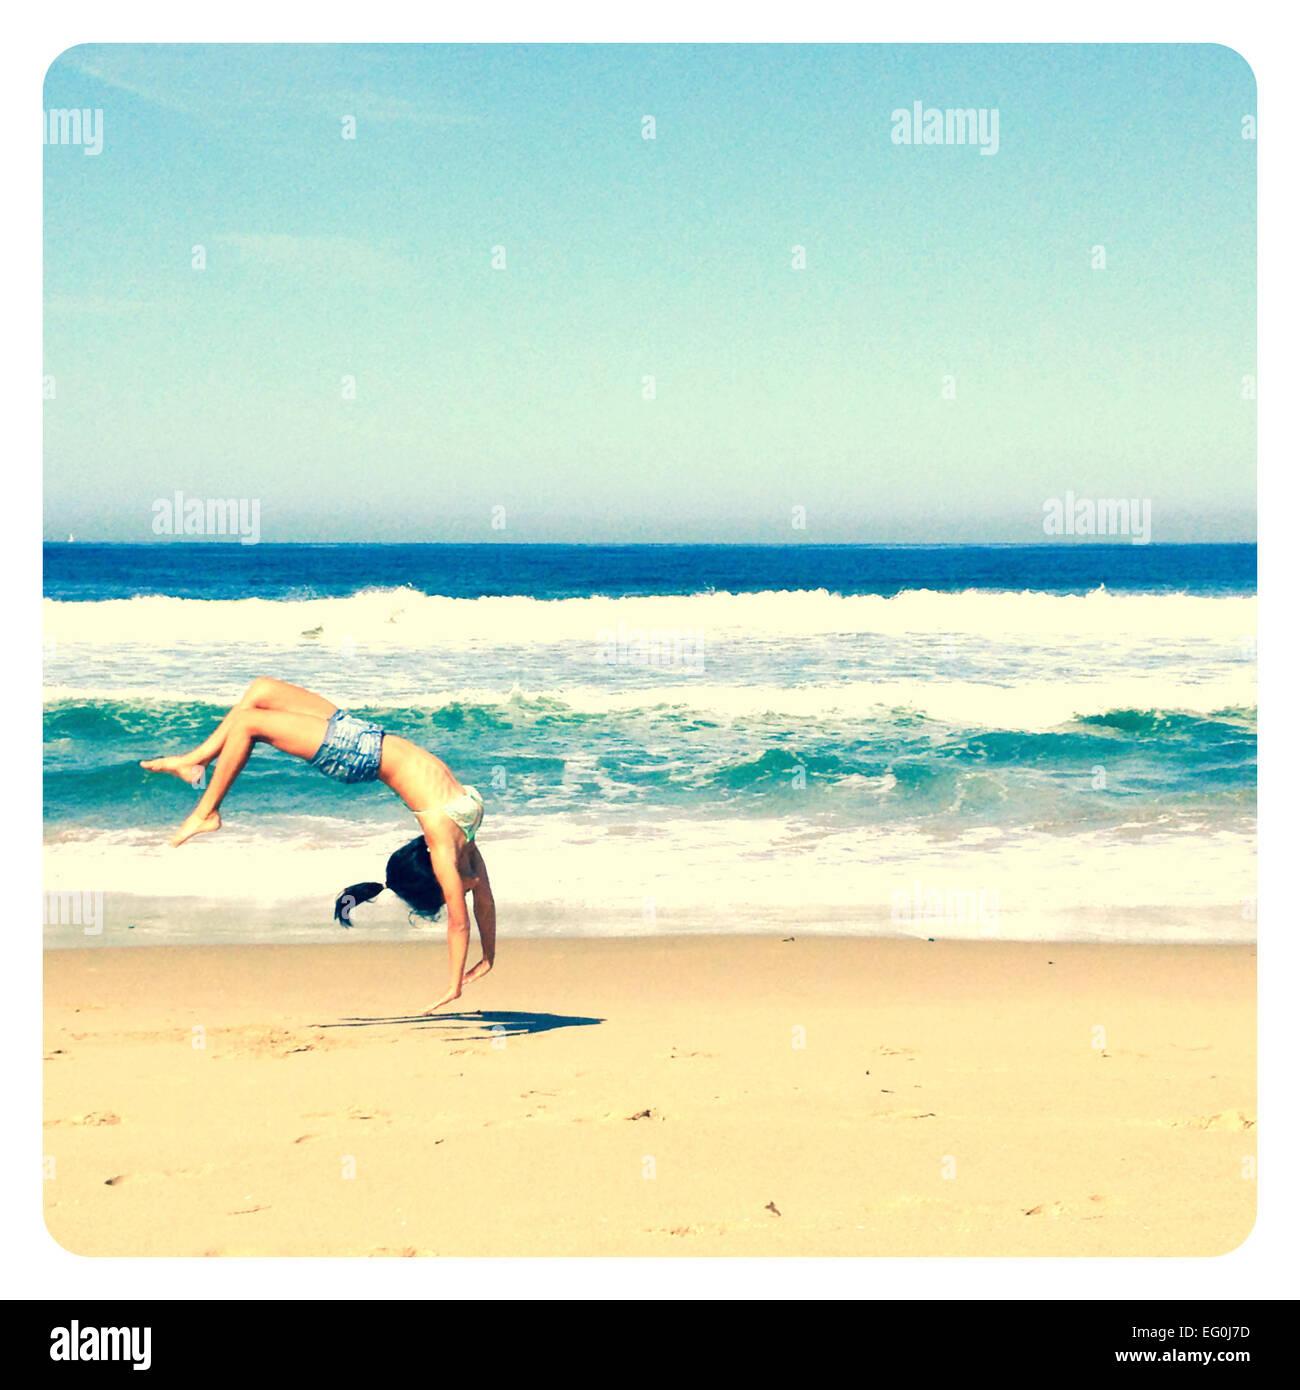 Ragazza facendo un backflip sulla spiaggia Immagini Stock